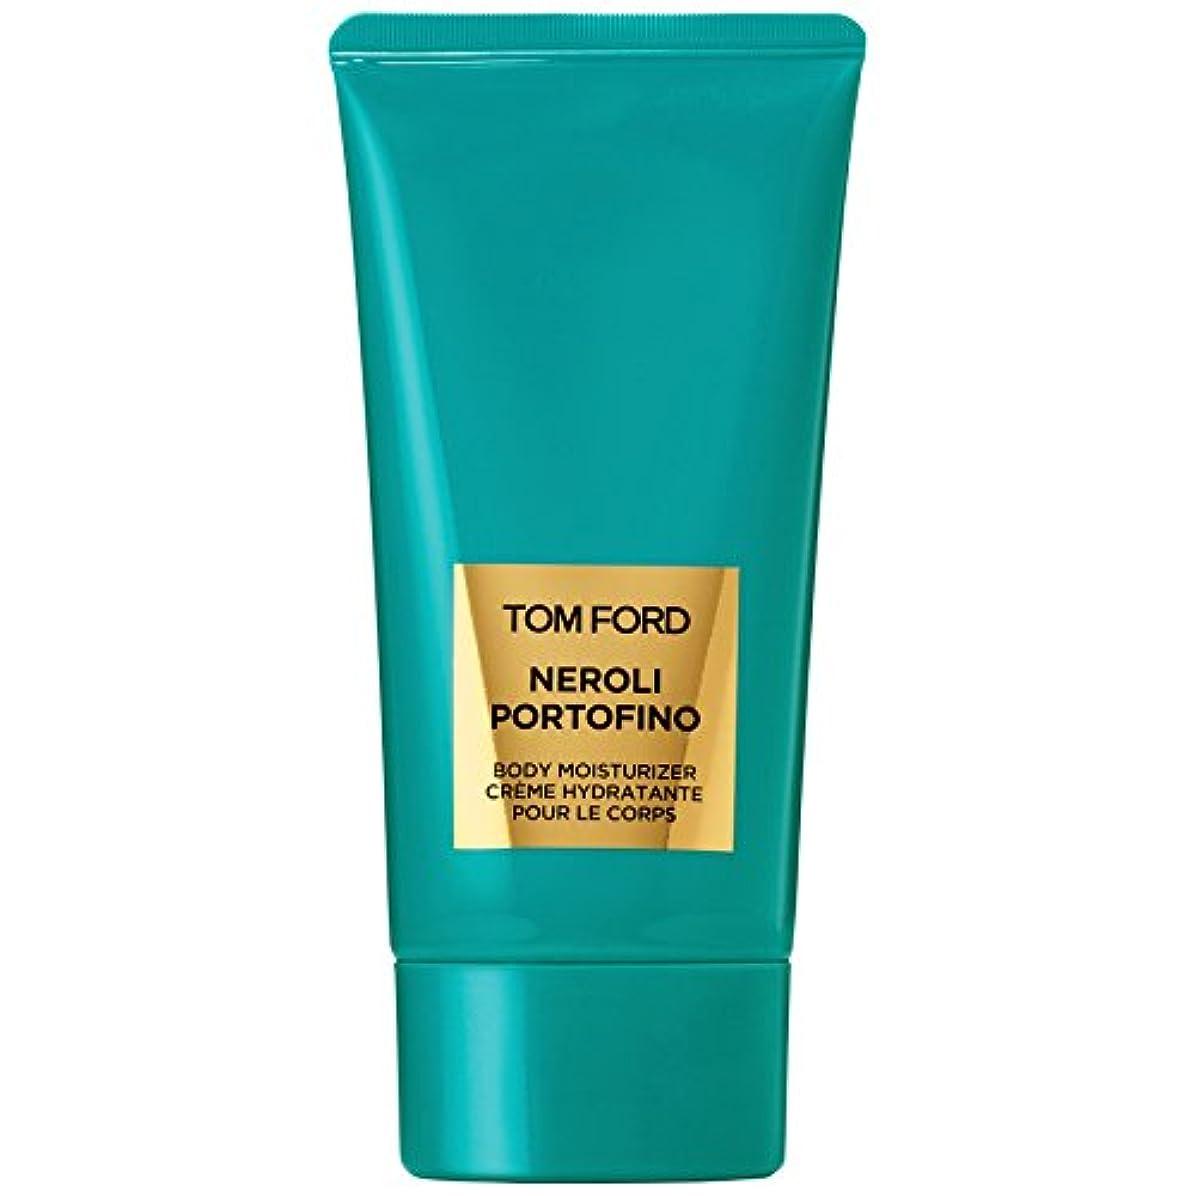 工業化する在庫文字[TOM FORD] トムフォードのネロリポルトフィーノボディLotion150Ml - Tom Ford Neroli Portofino Body Lotion150ml [並行輸入品]